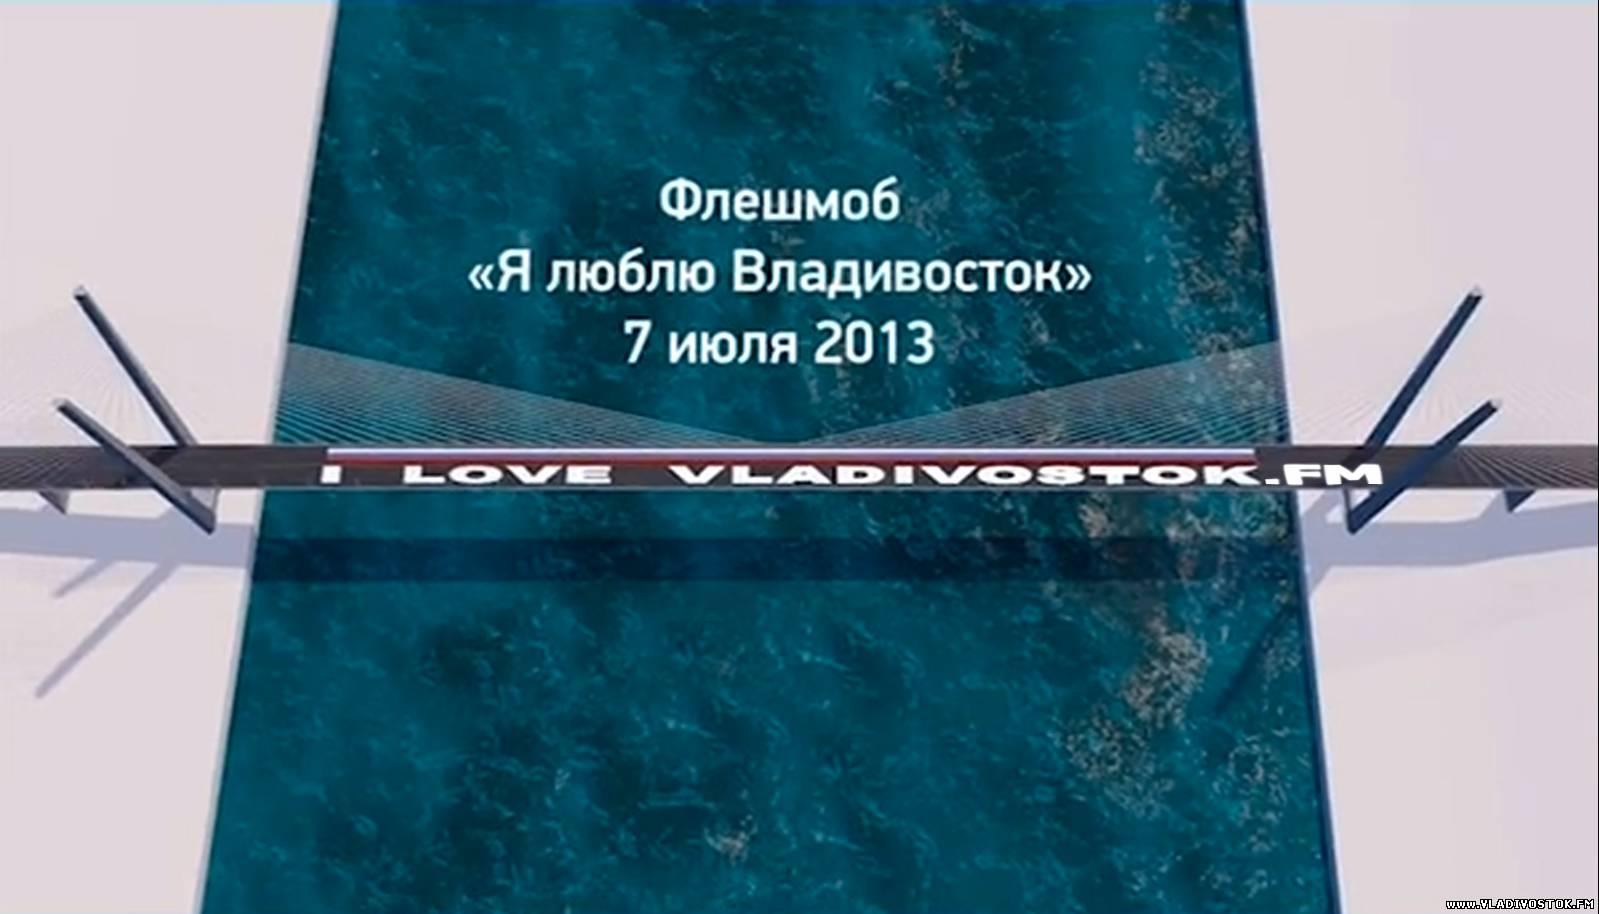 ФЛЕШМОБ «Я ЛЮБЛЮ ВЛАДИВОСТОК»